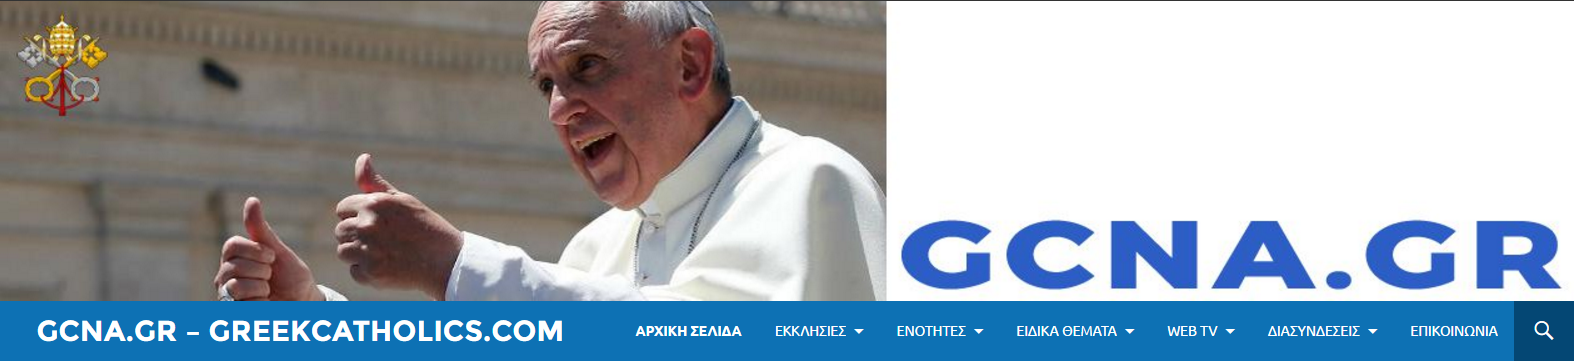 Η Καθολική Εκκλησία Στην Ελλάδα Και Στον Κόσμο Με Ένα Κλικ…